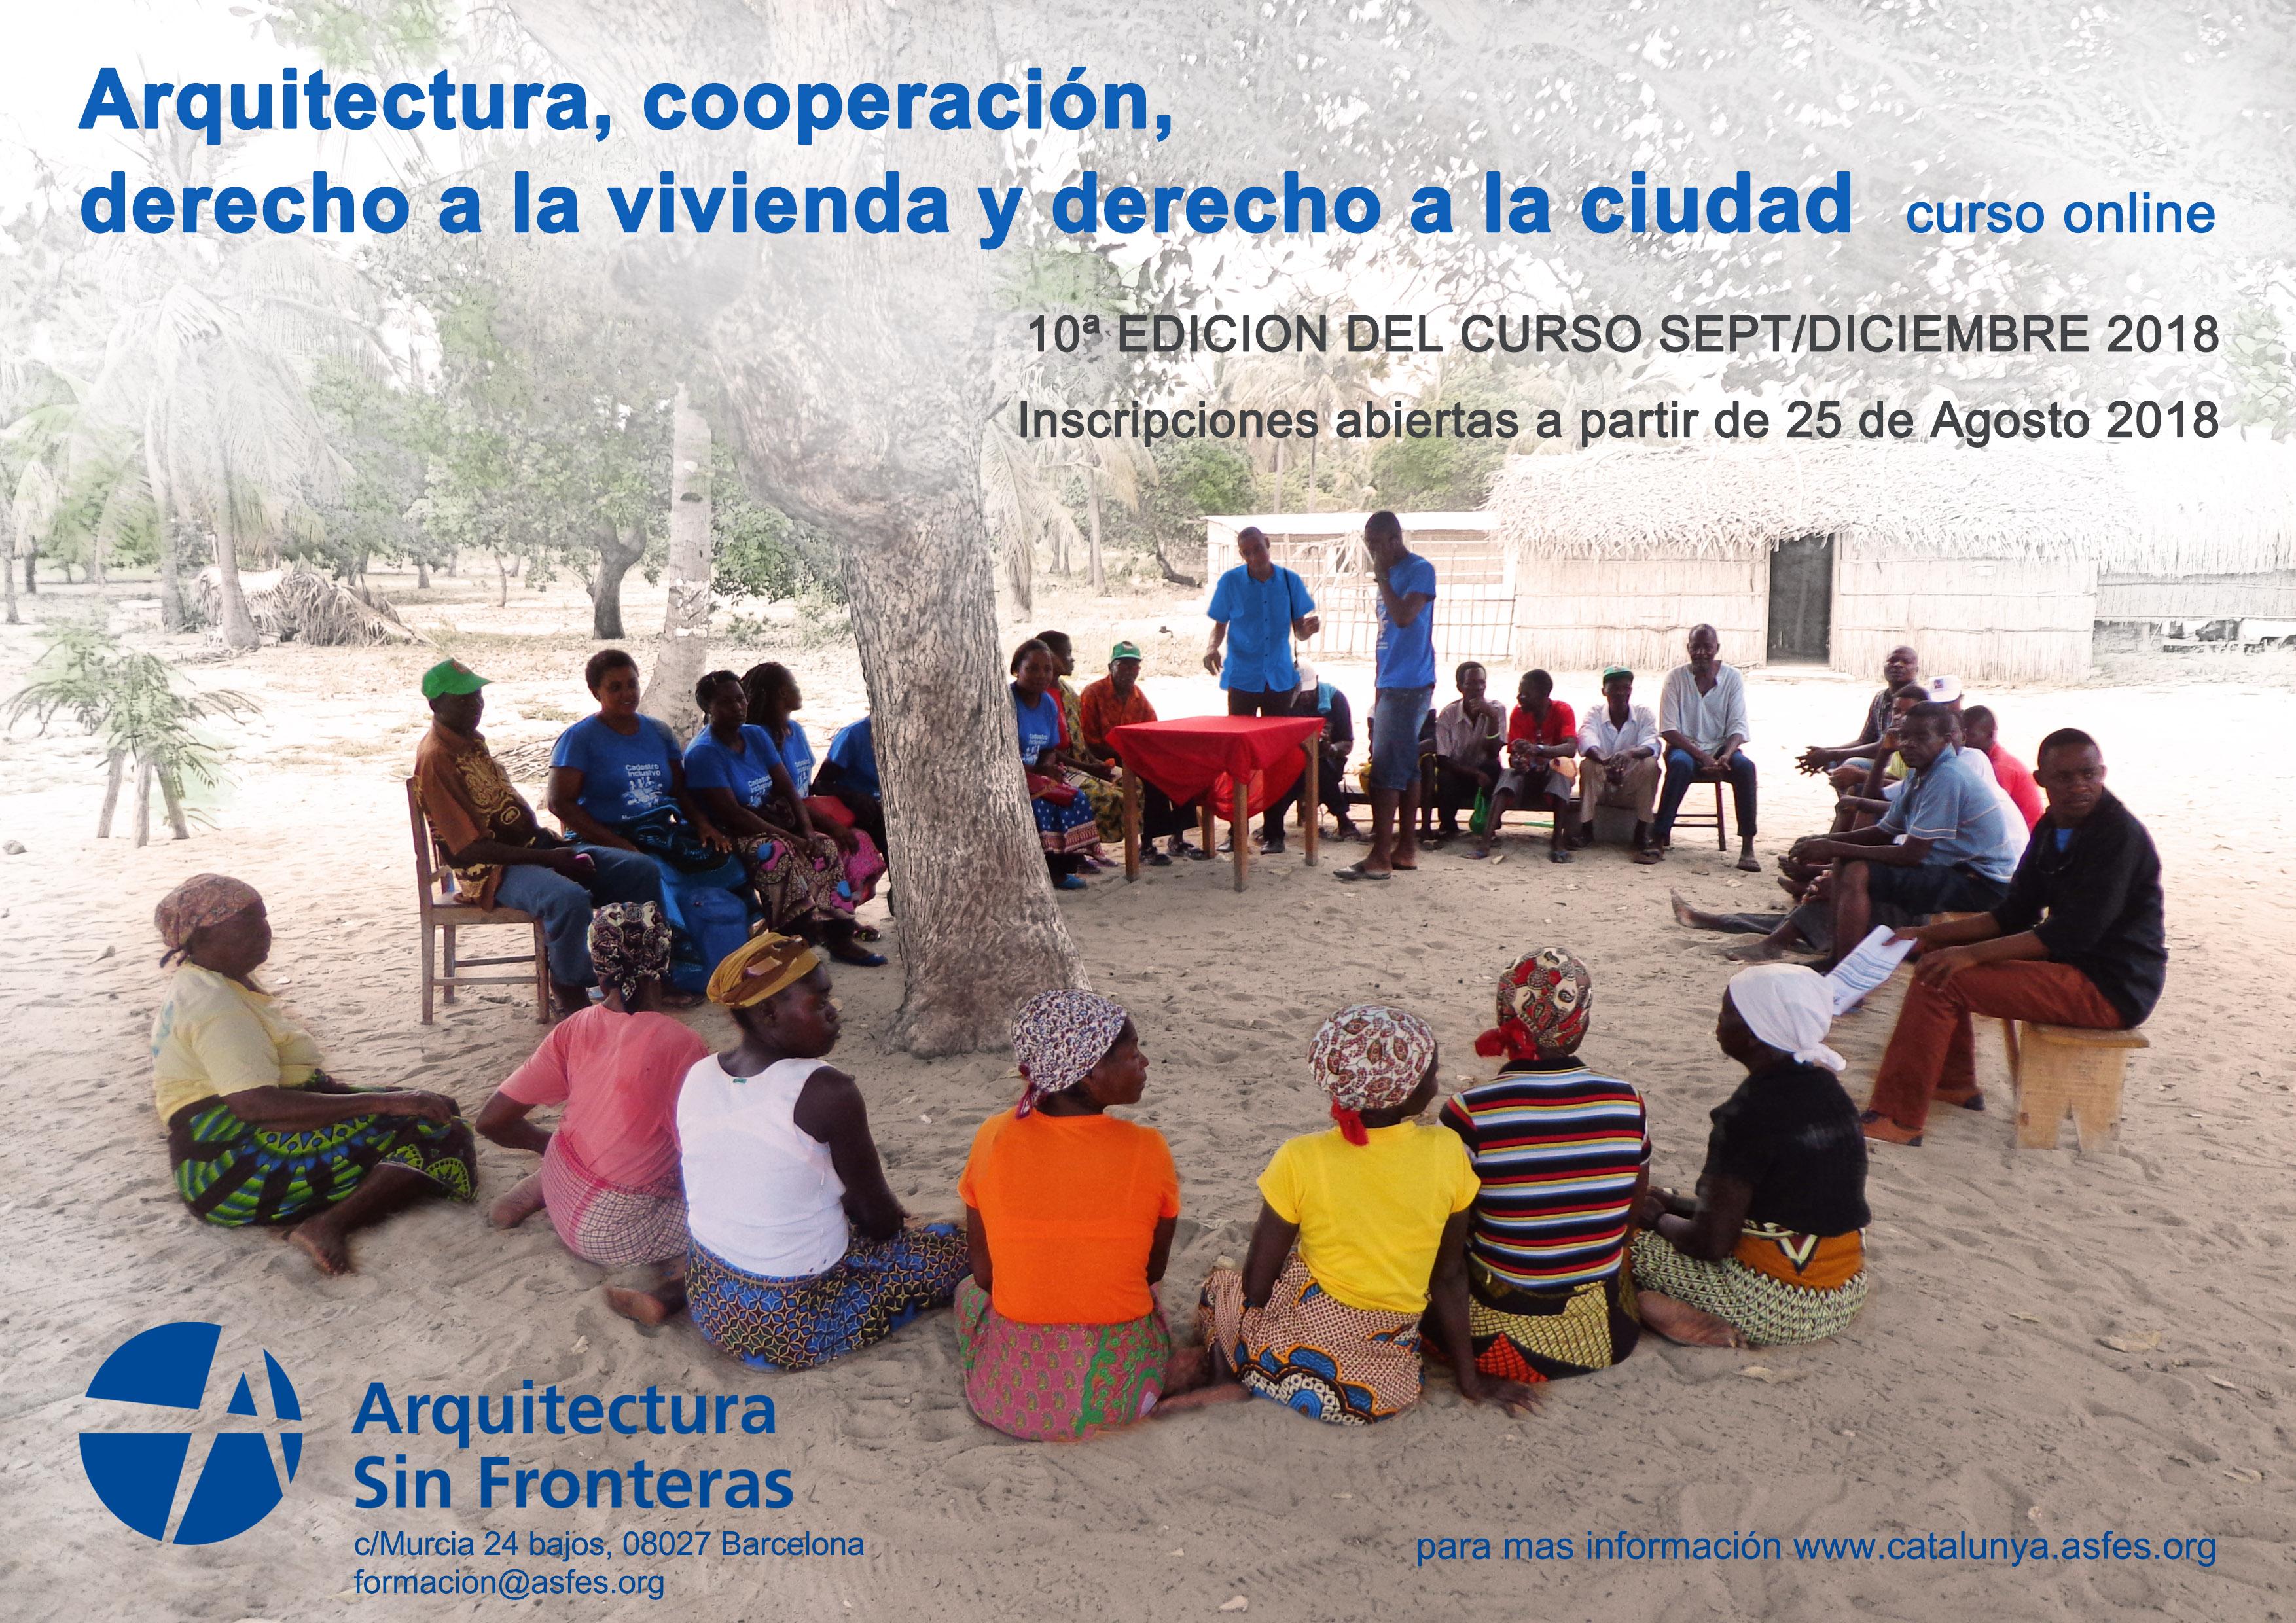 Curs Online: Cooperació, Arquitectura, Dret A L'habitatge I Dret A La Ciutat